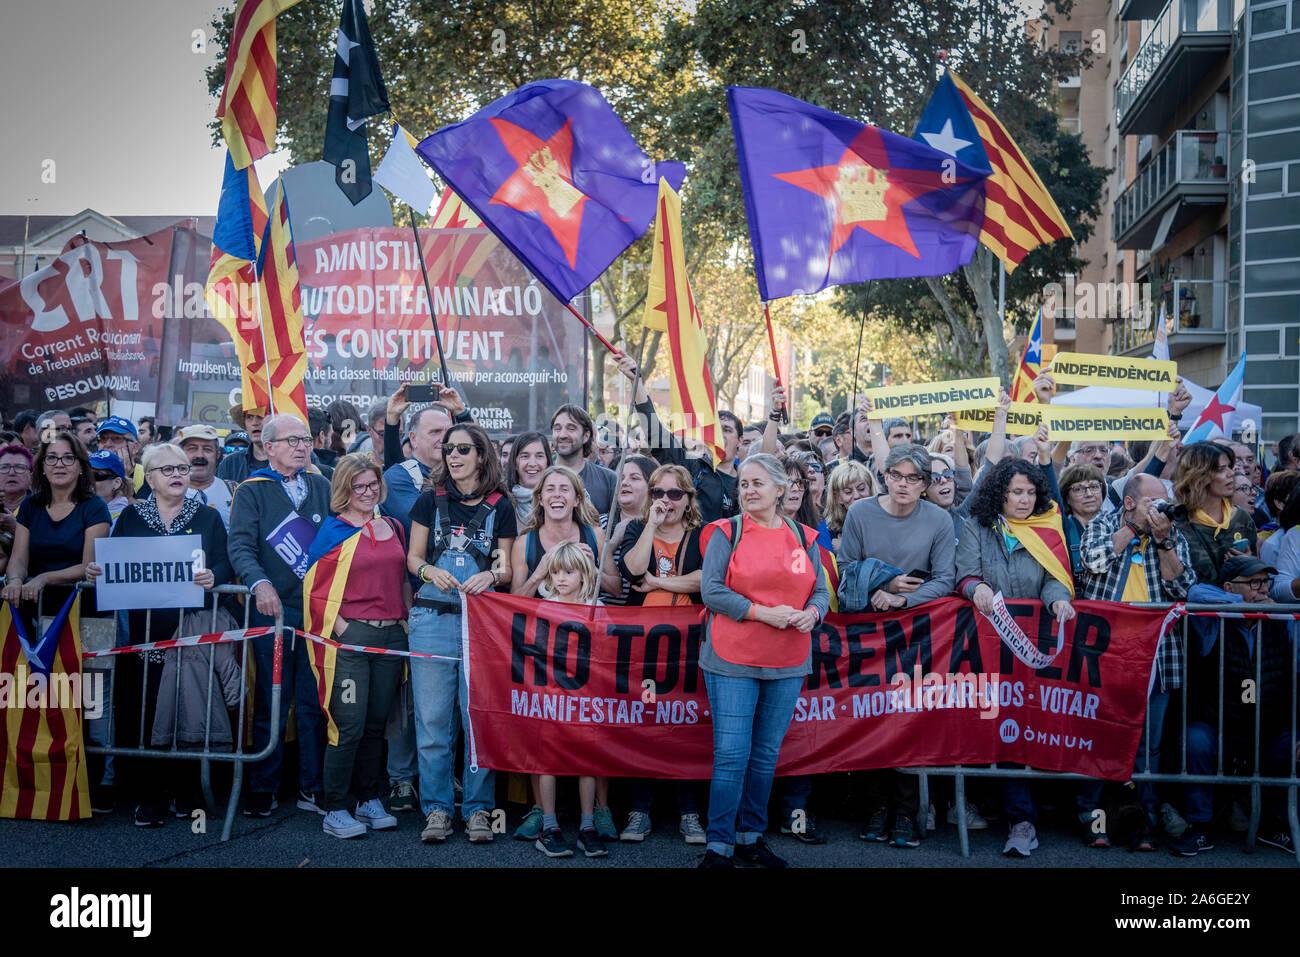 Barcelona Katalonien El Dia 26 de Mayo 2019 la Verein se manifiesta separatista de Barcelona con el lema Libertad presos políticos BCN 2019 Stockfoto